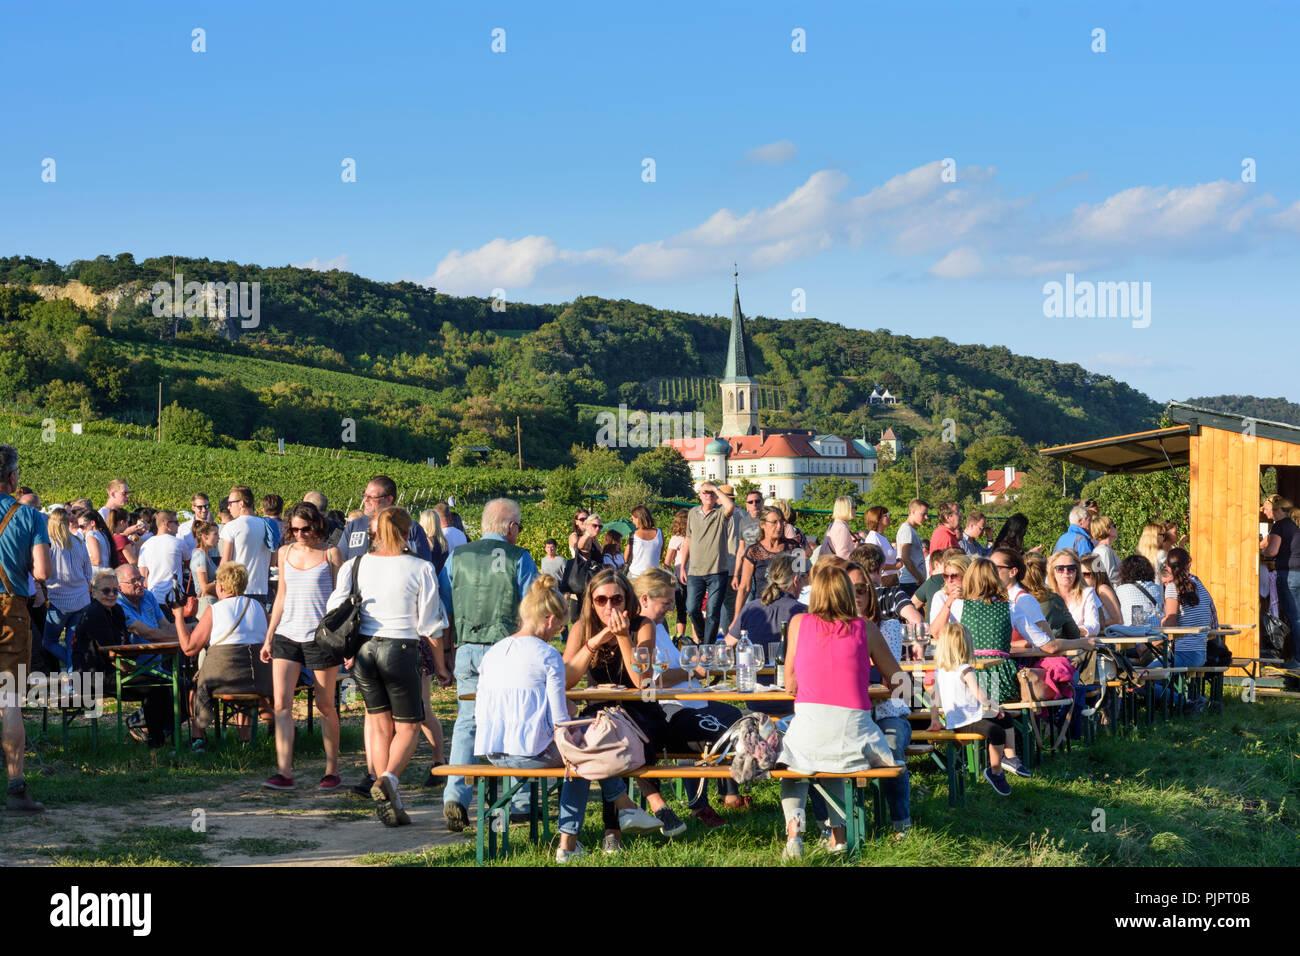 Gumpoldskirchen: Deutschordensschloss Orden Alemán (Castillo), viñedo, bar en el festival 'Genussmeile' a lo largo de 1ª ruta de senderismo de la tubería de agua de Viena, winegro Foto de stock